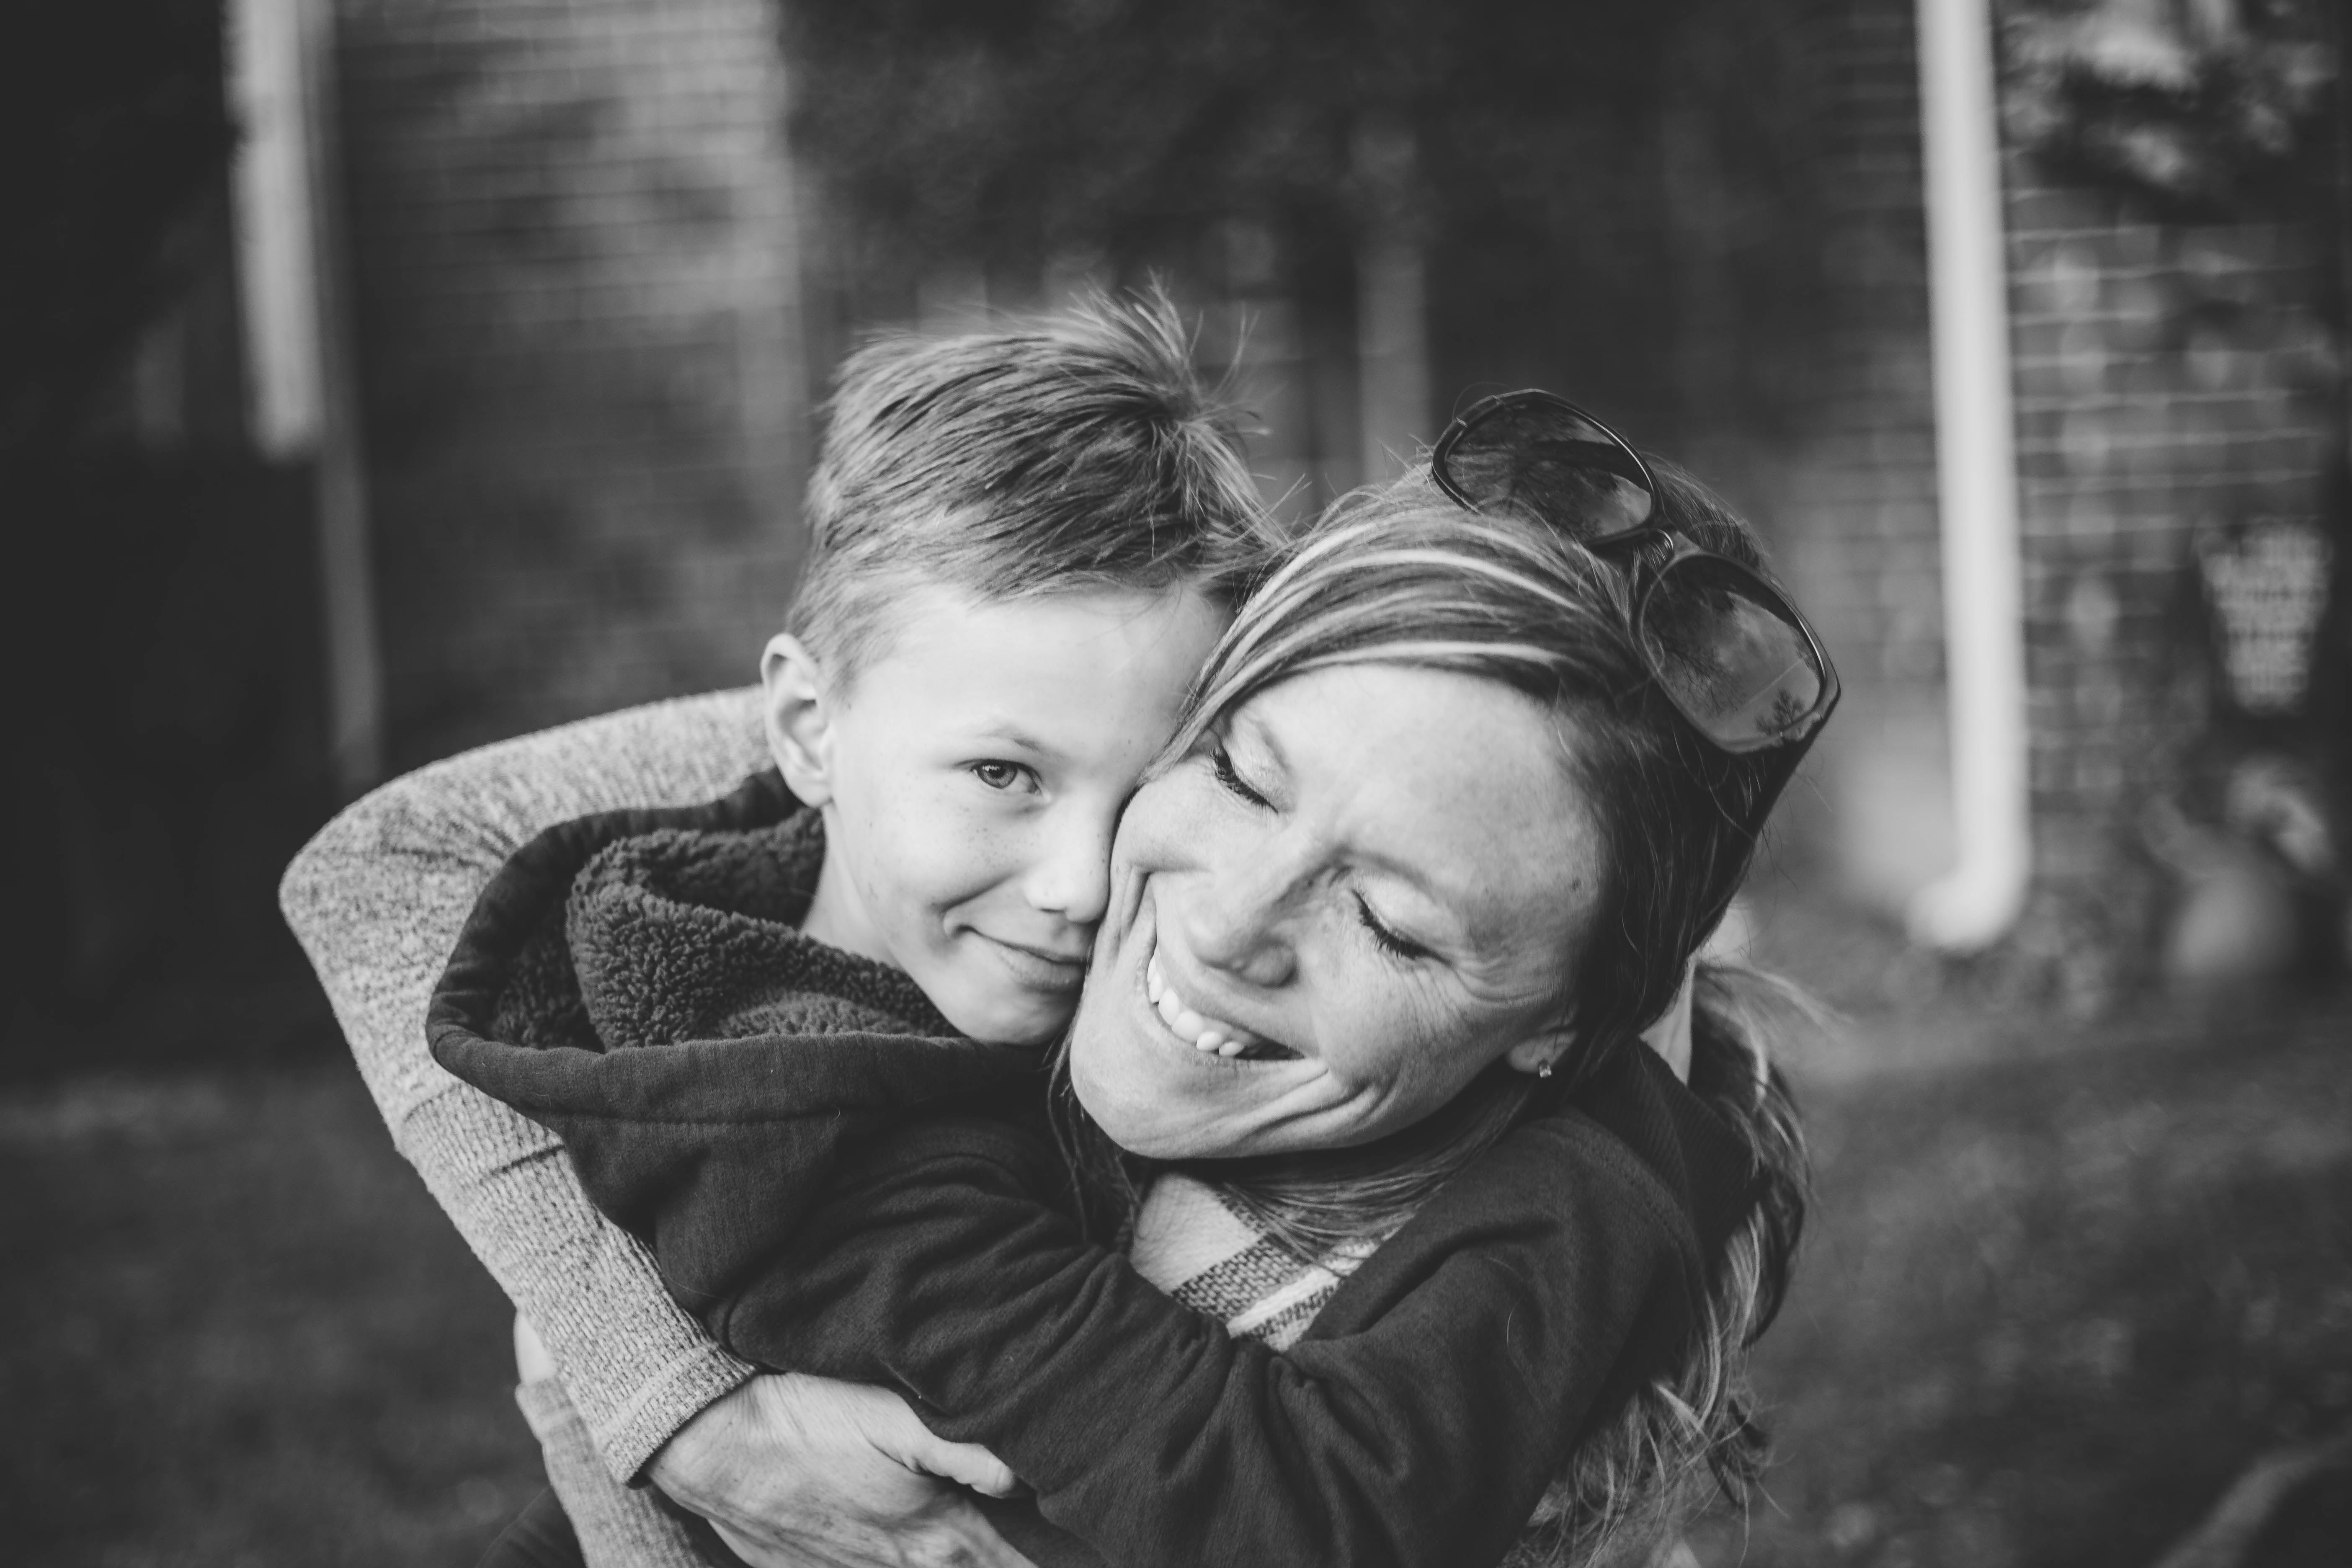 """Scrisoarea unei mame: """"Copilul meu scump, nu ai avea cum sa ma dezamagesti, pentru ca te ador oricum. Sunt cu tine mereu""""   Demamici.ro"""